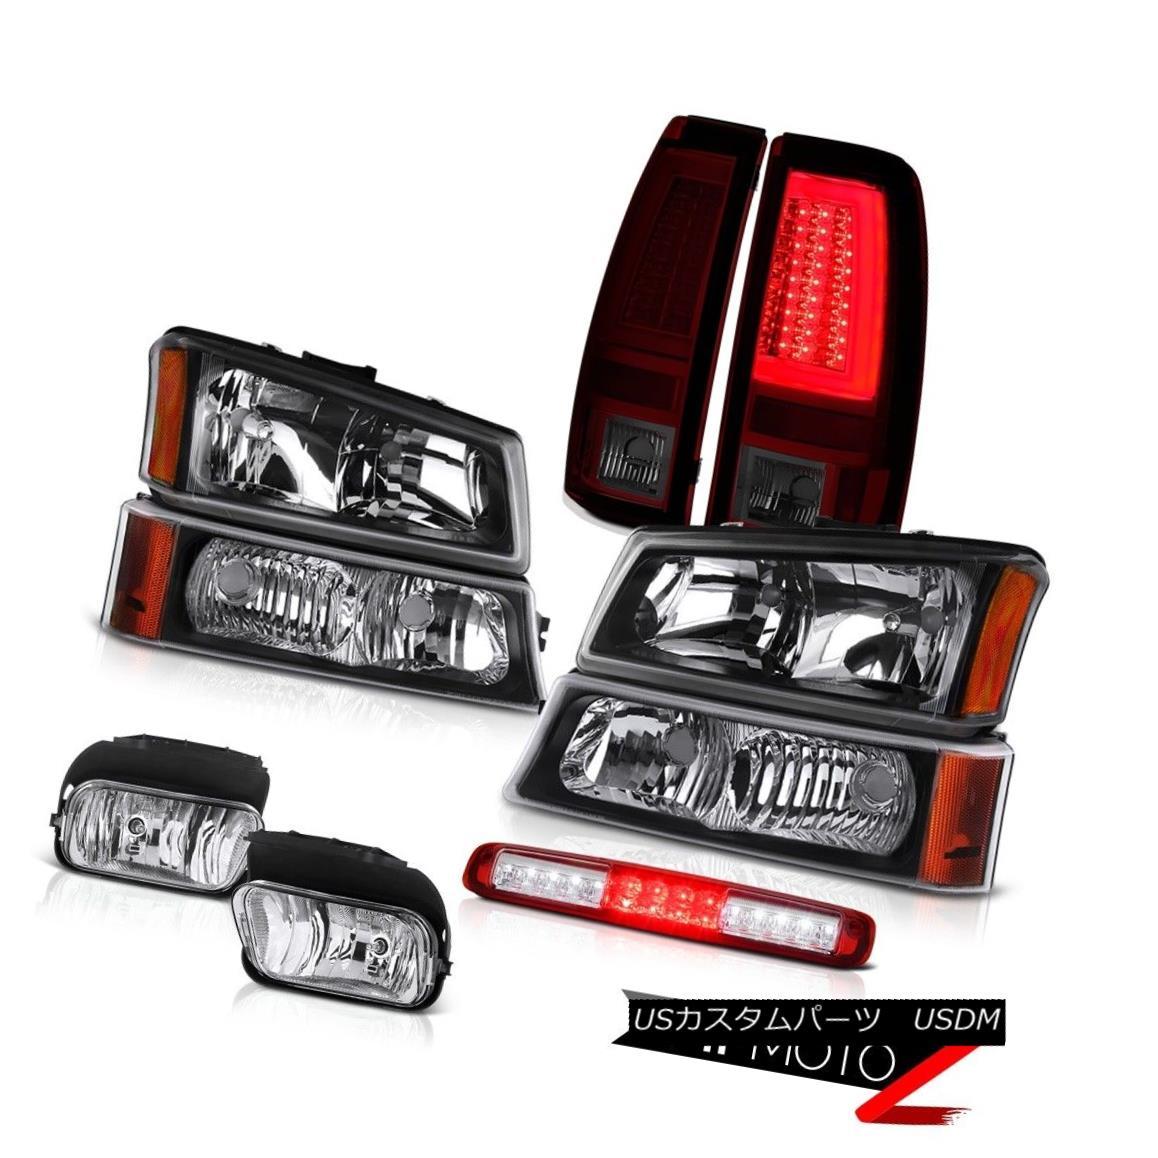 テールライト 03-06 Silverado 1500 Tail Lamps Fog Parking Lamp 3RD Brake Headlamps OLED Prism 03-06 Silverado 1500テールランプ霧駐車ランプ3RDブレーキヘッドランプOLEDプリズム